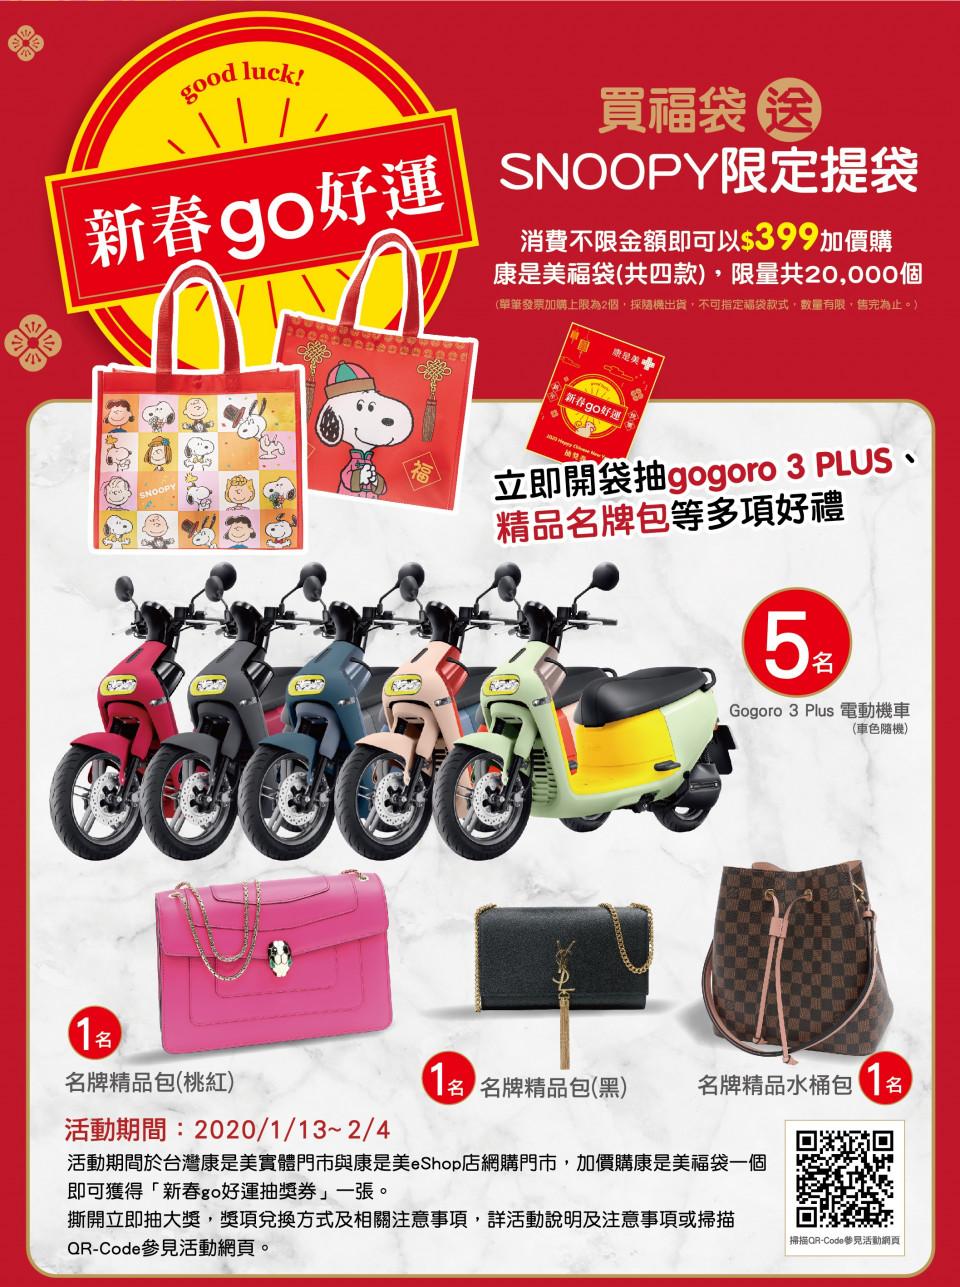 康是美推出四款新春「go好運福袋」!採用Snoop造型設計,外型超吸睛!